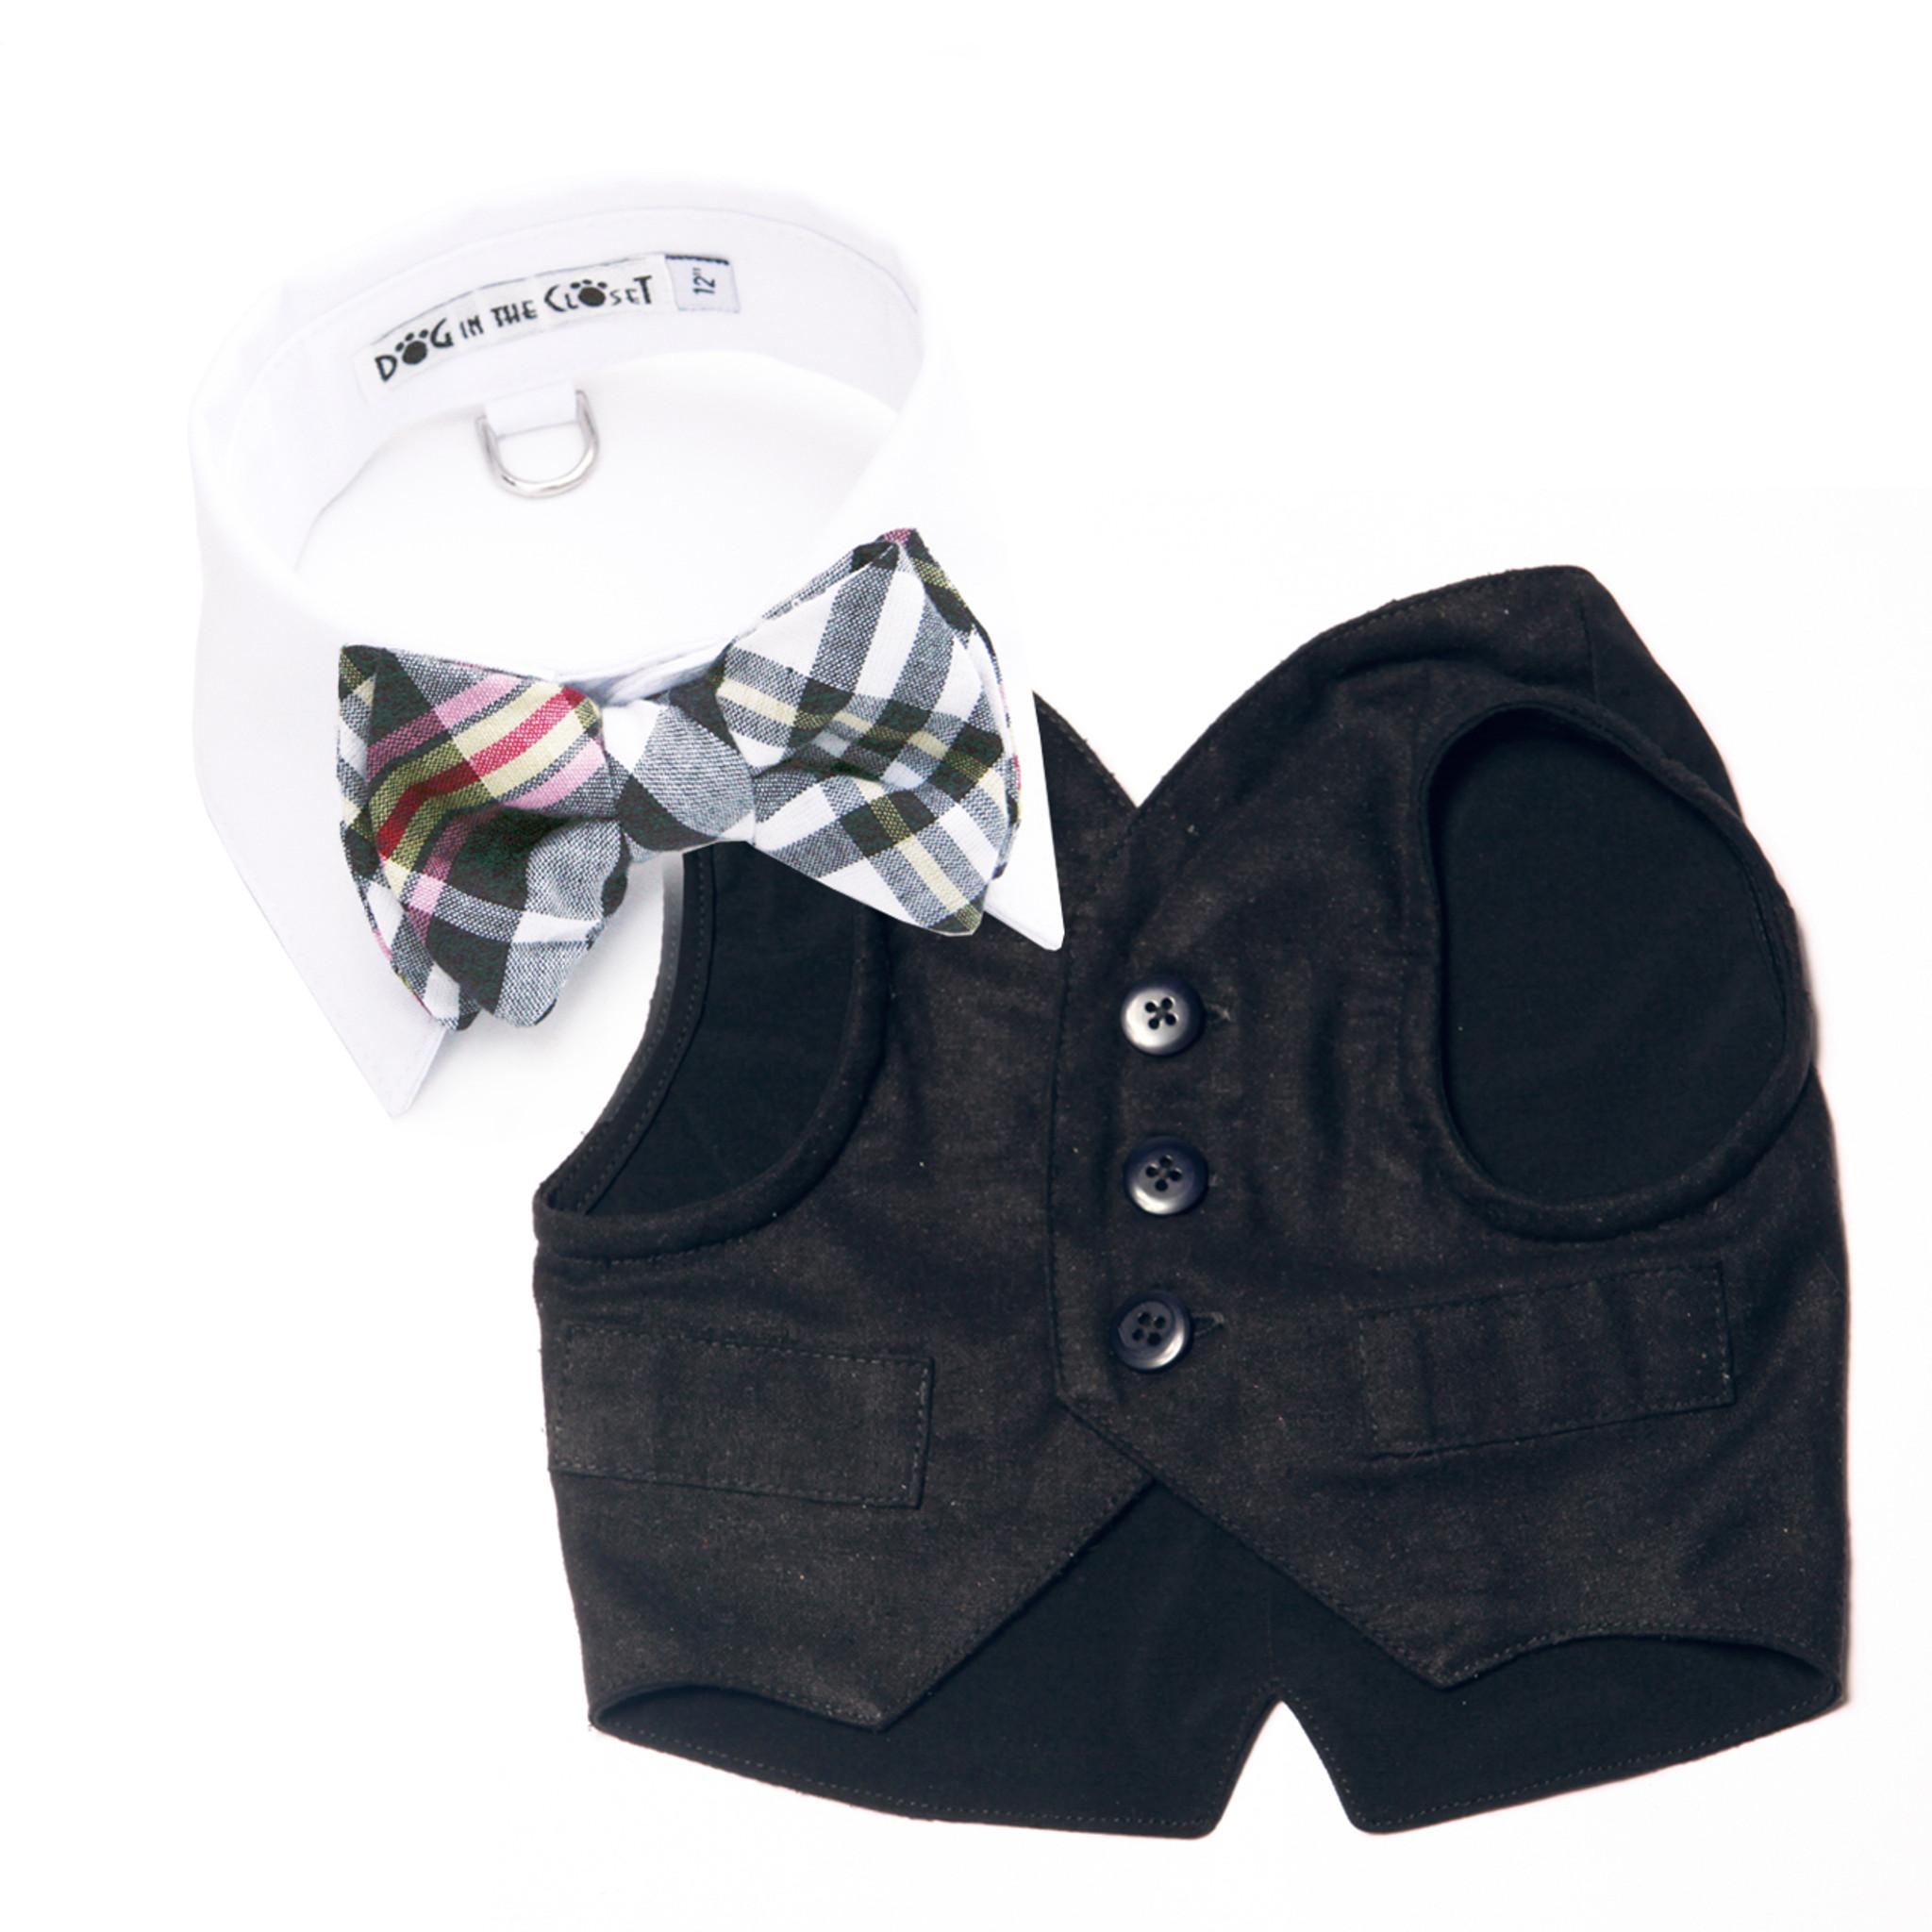 6d86a2e974c2 White Shirt Dog Collar with Black & White Madras Plaid Bow Tie